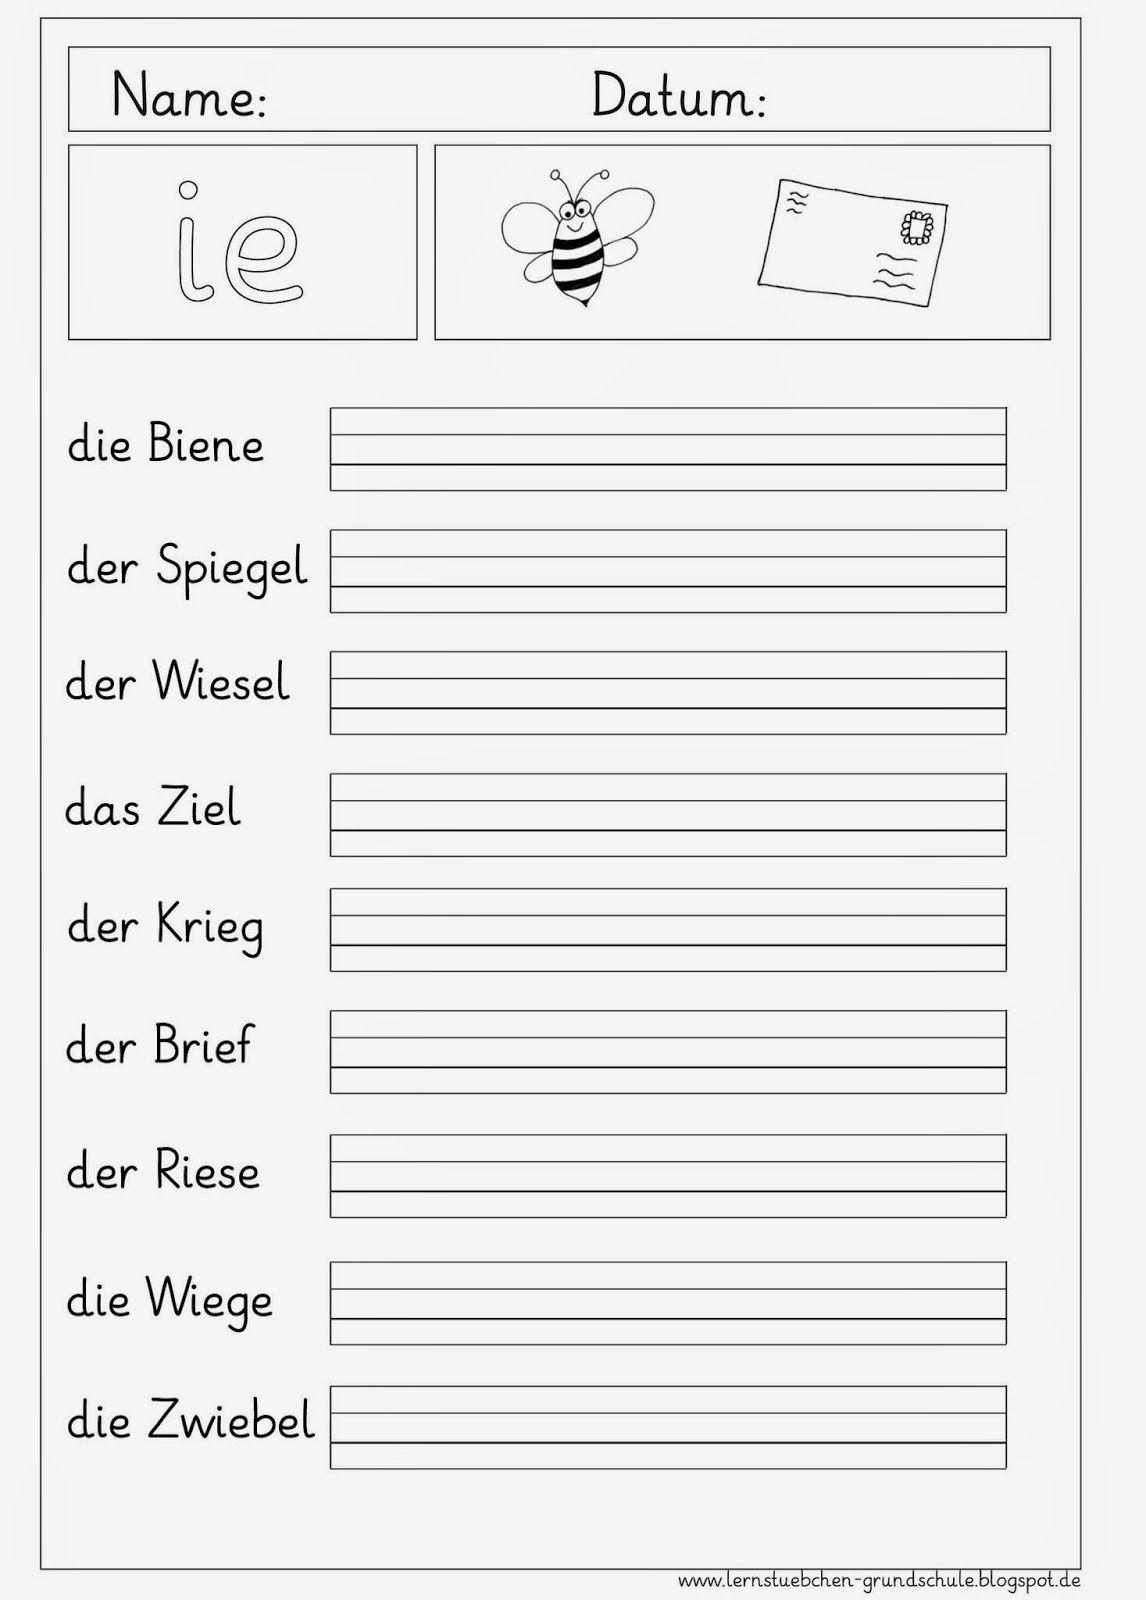 Arbeitsblätter Grundschule 1 Klasse Ausdrucken Lernstübchen bei Deutsch 2 Klasse Volksschule Übungsblätter